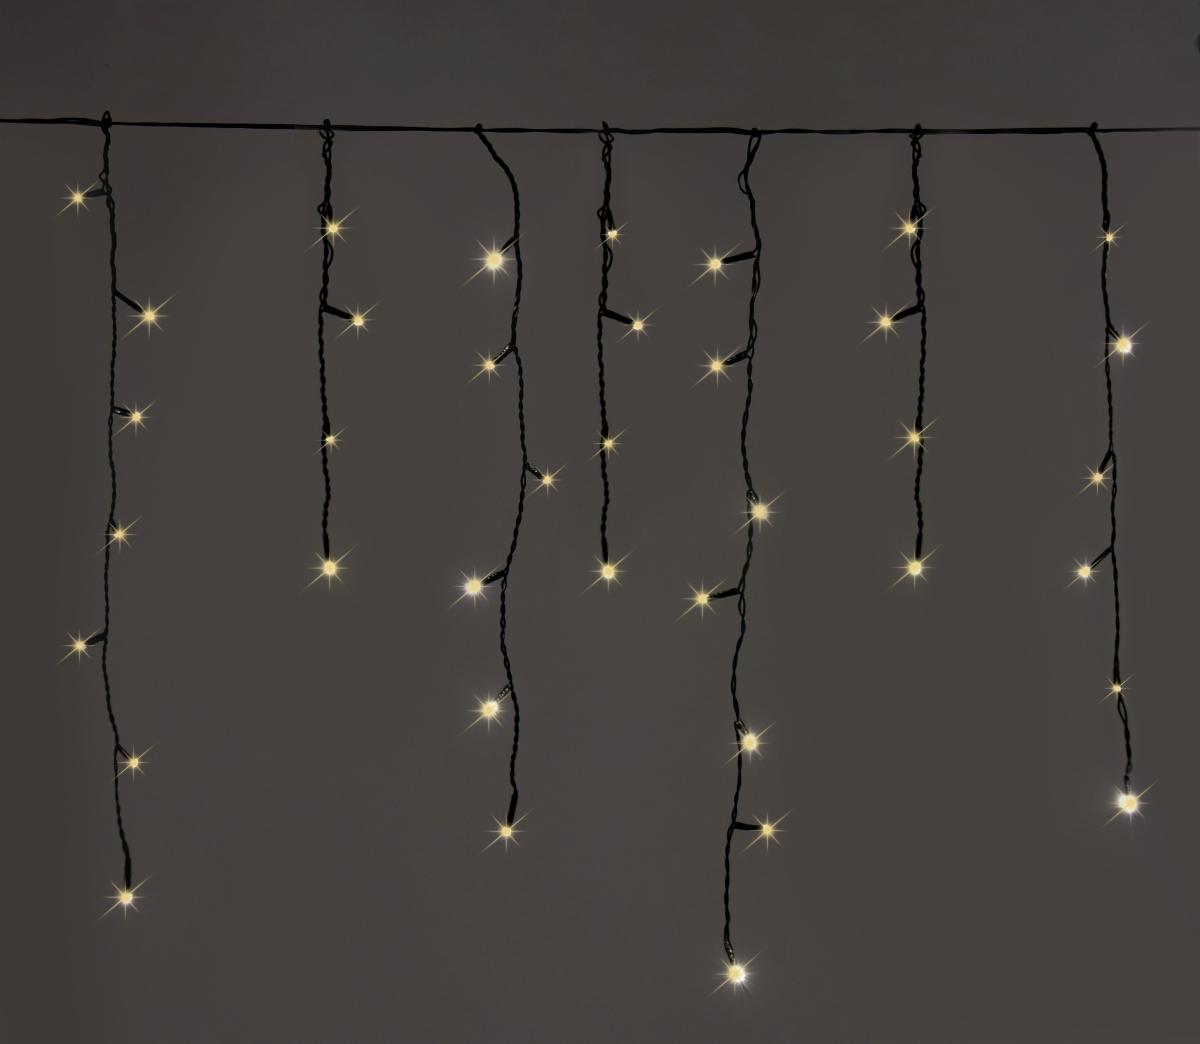 LED světelný déšť 200 LED diod, 8 programů, teplé bílé světlo